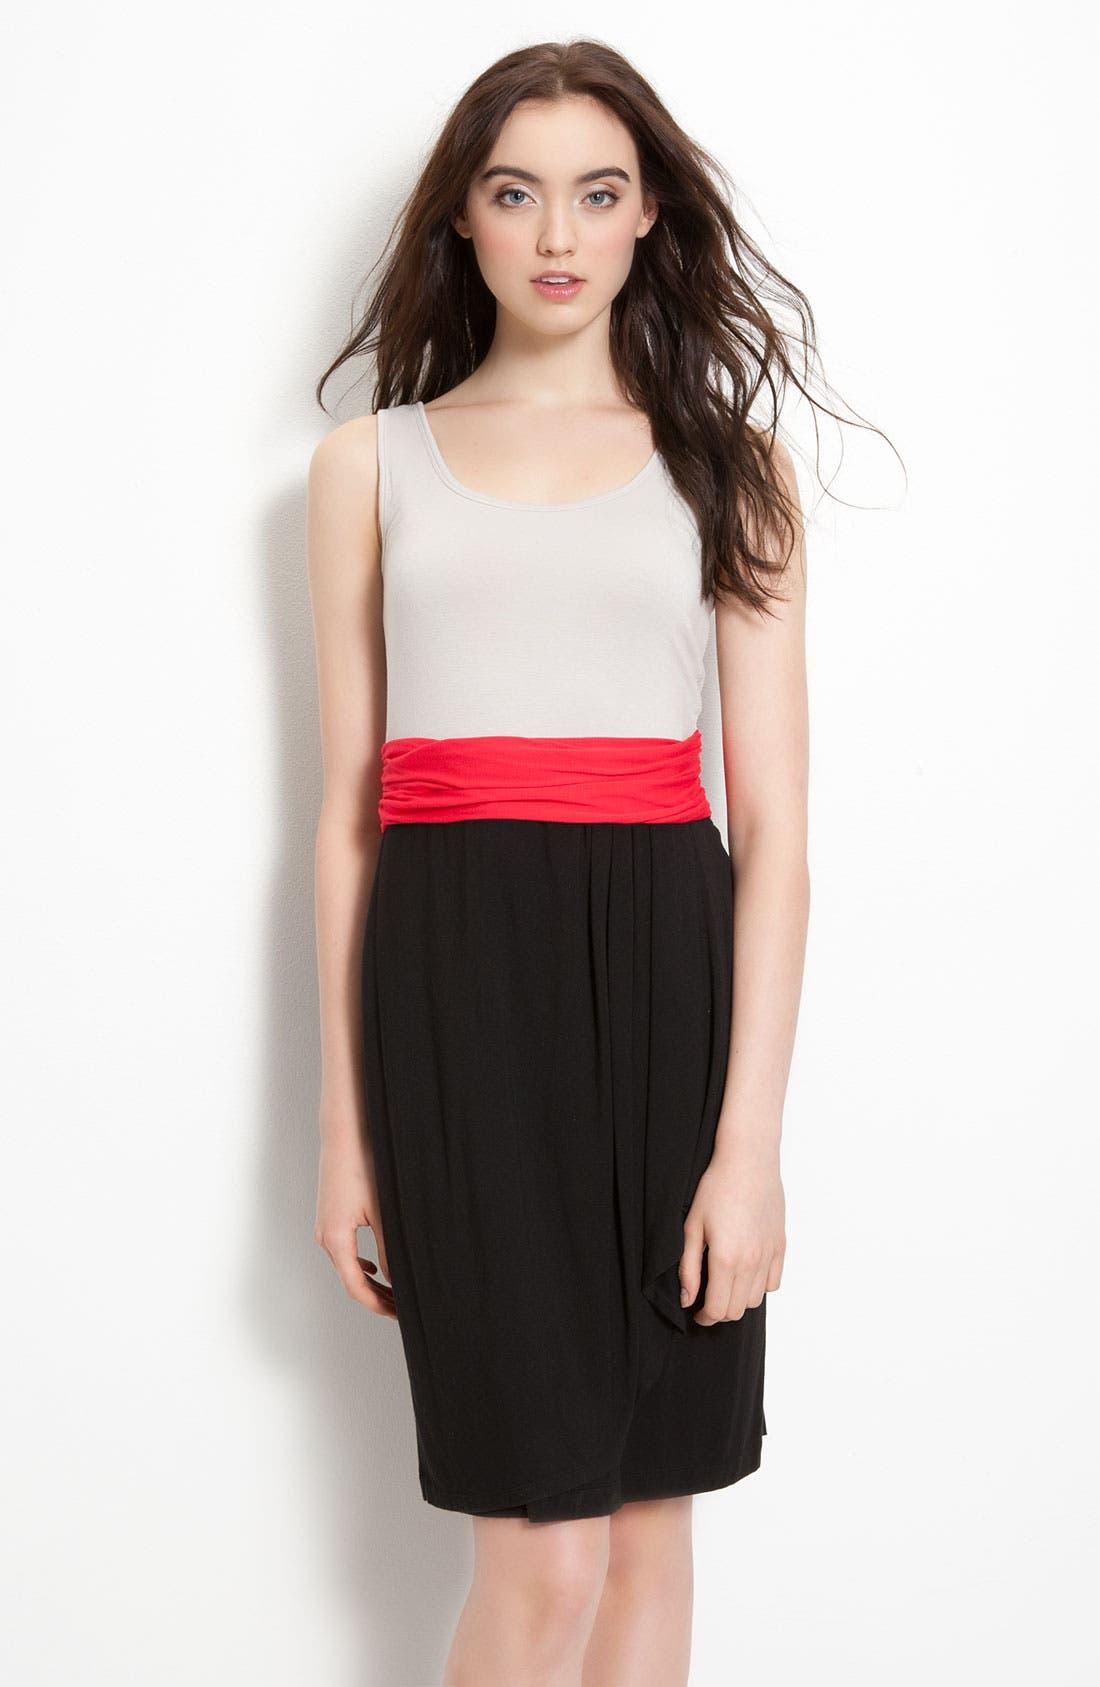 DKNYC, Sleeveless V-Neck Dress, Main thumbnail 1, color, 600